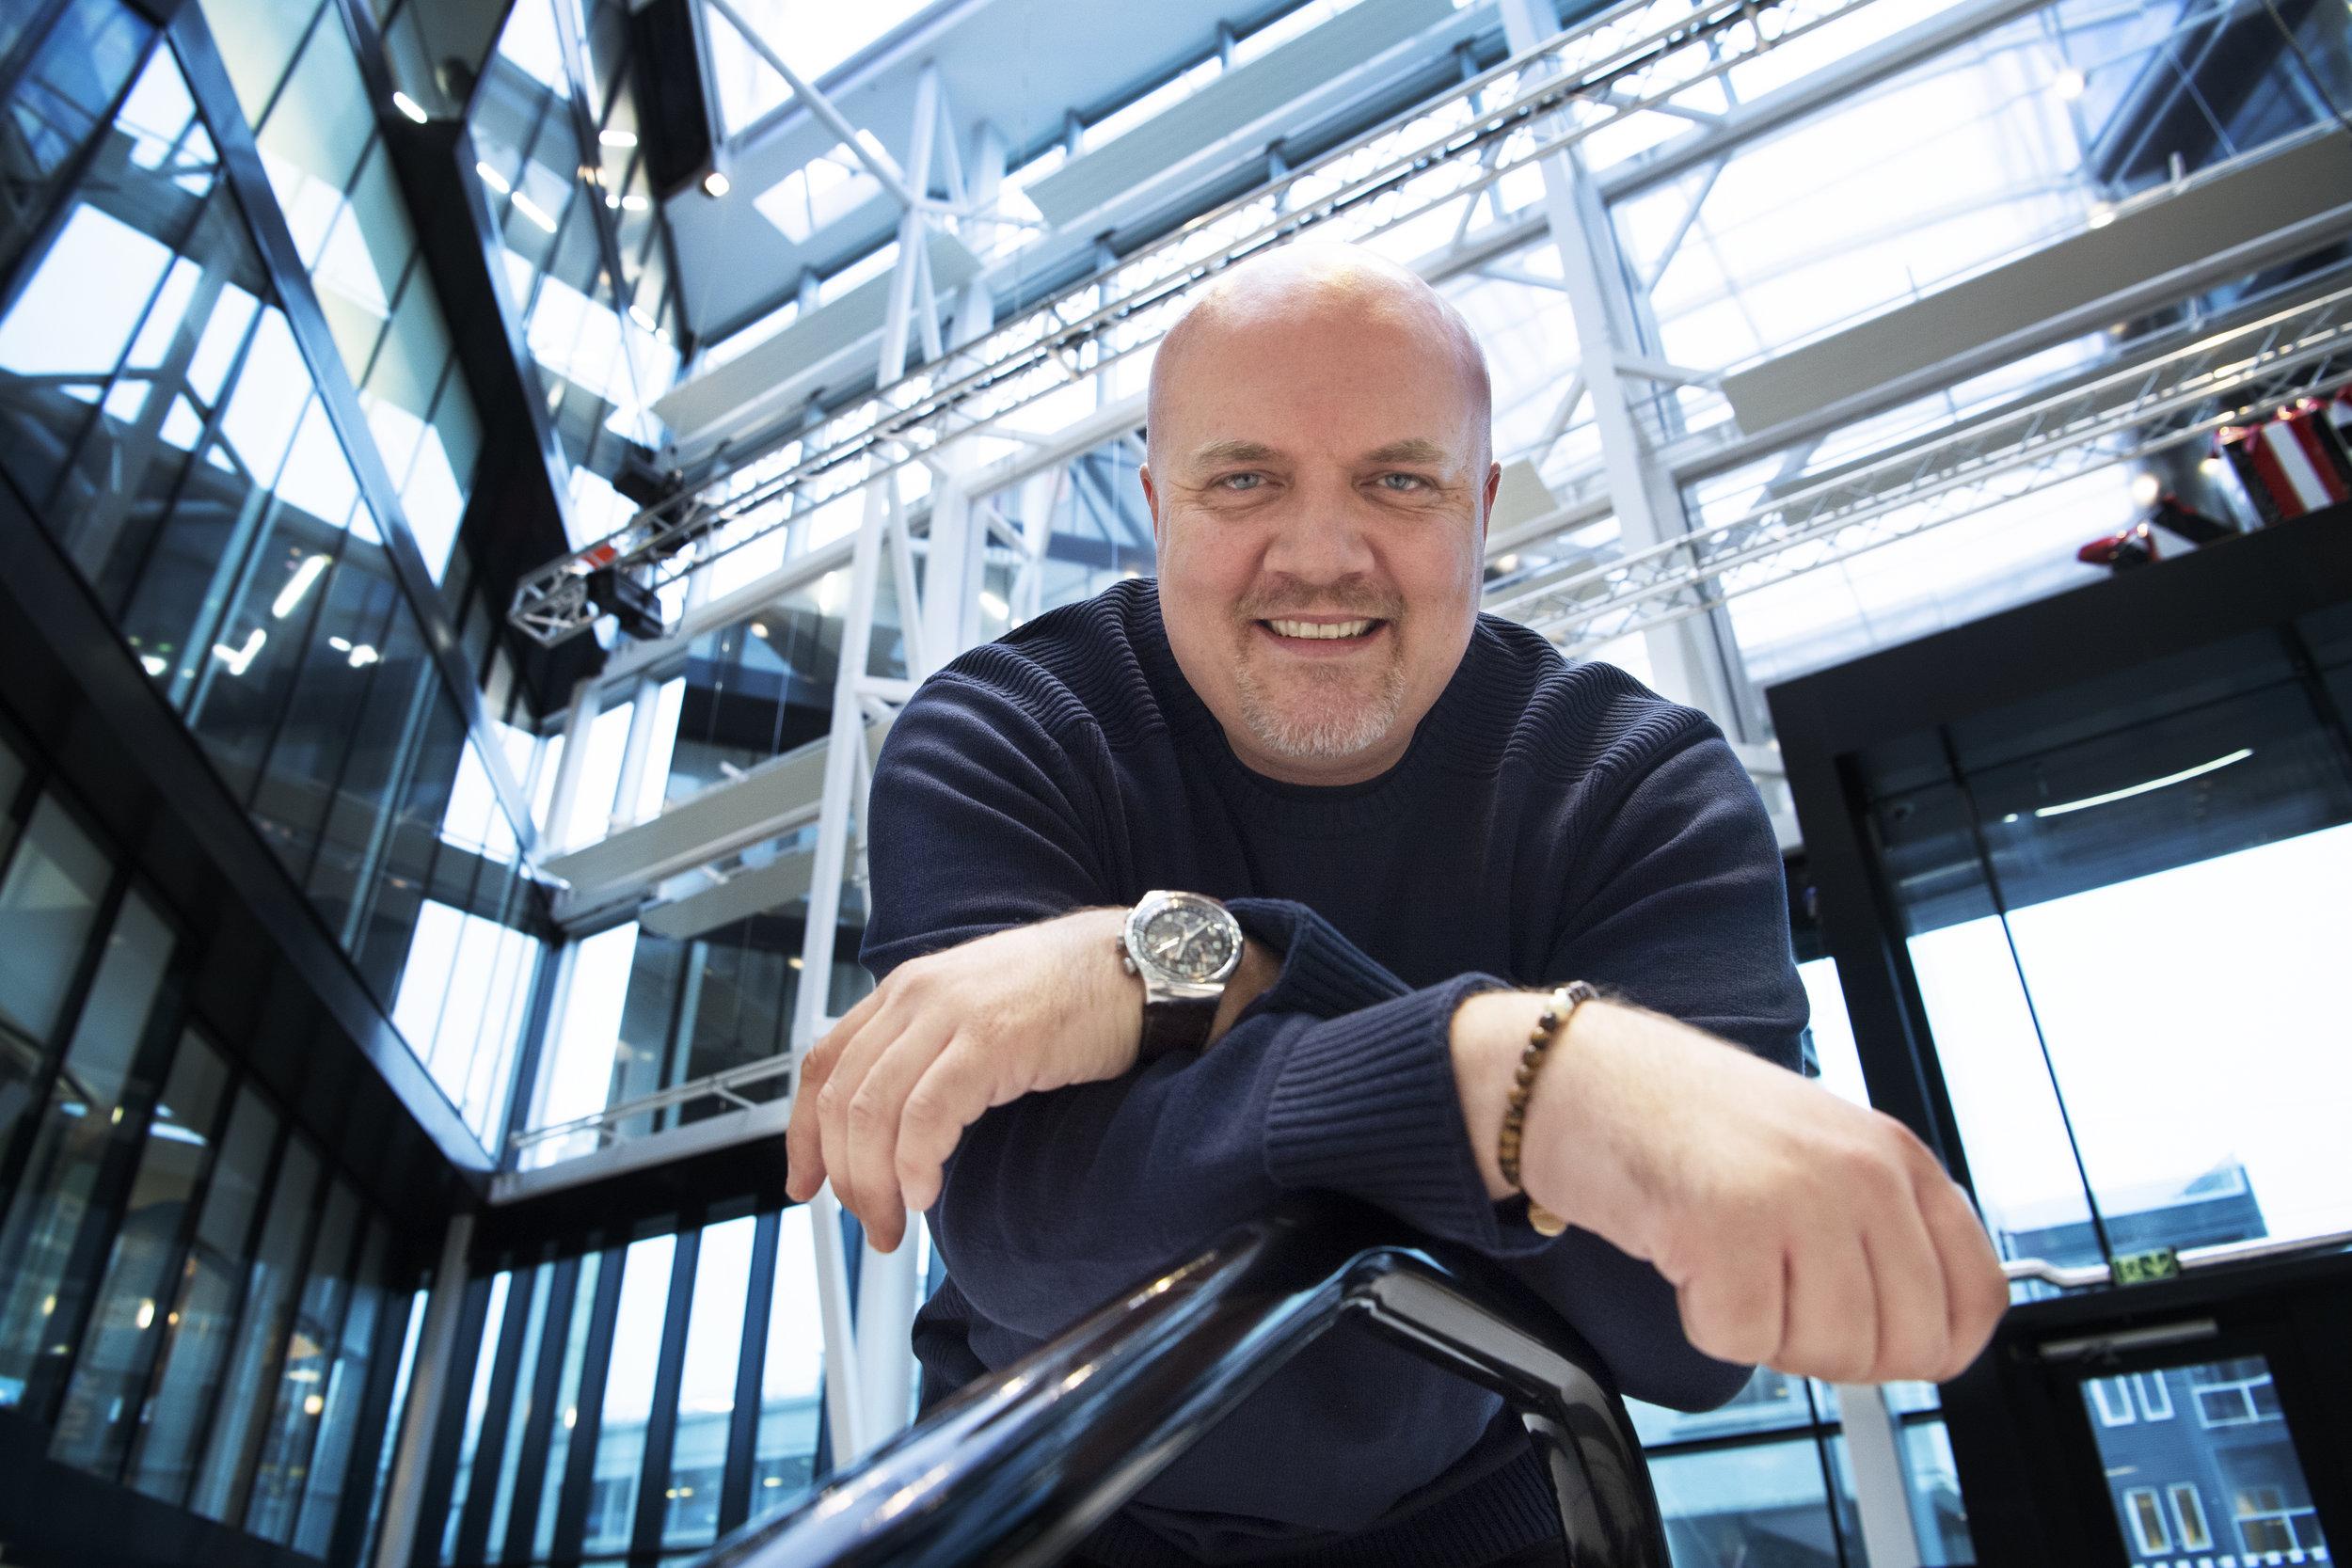 Erik Steigen Photo: Arne Ristesund (BA)